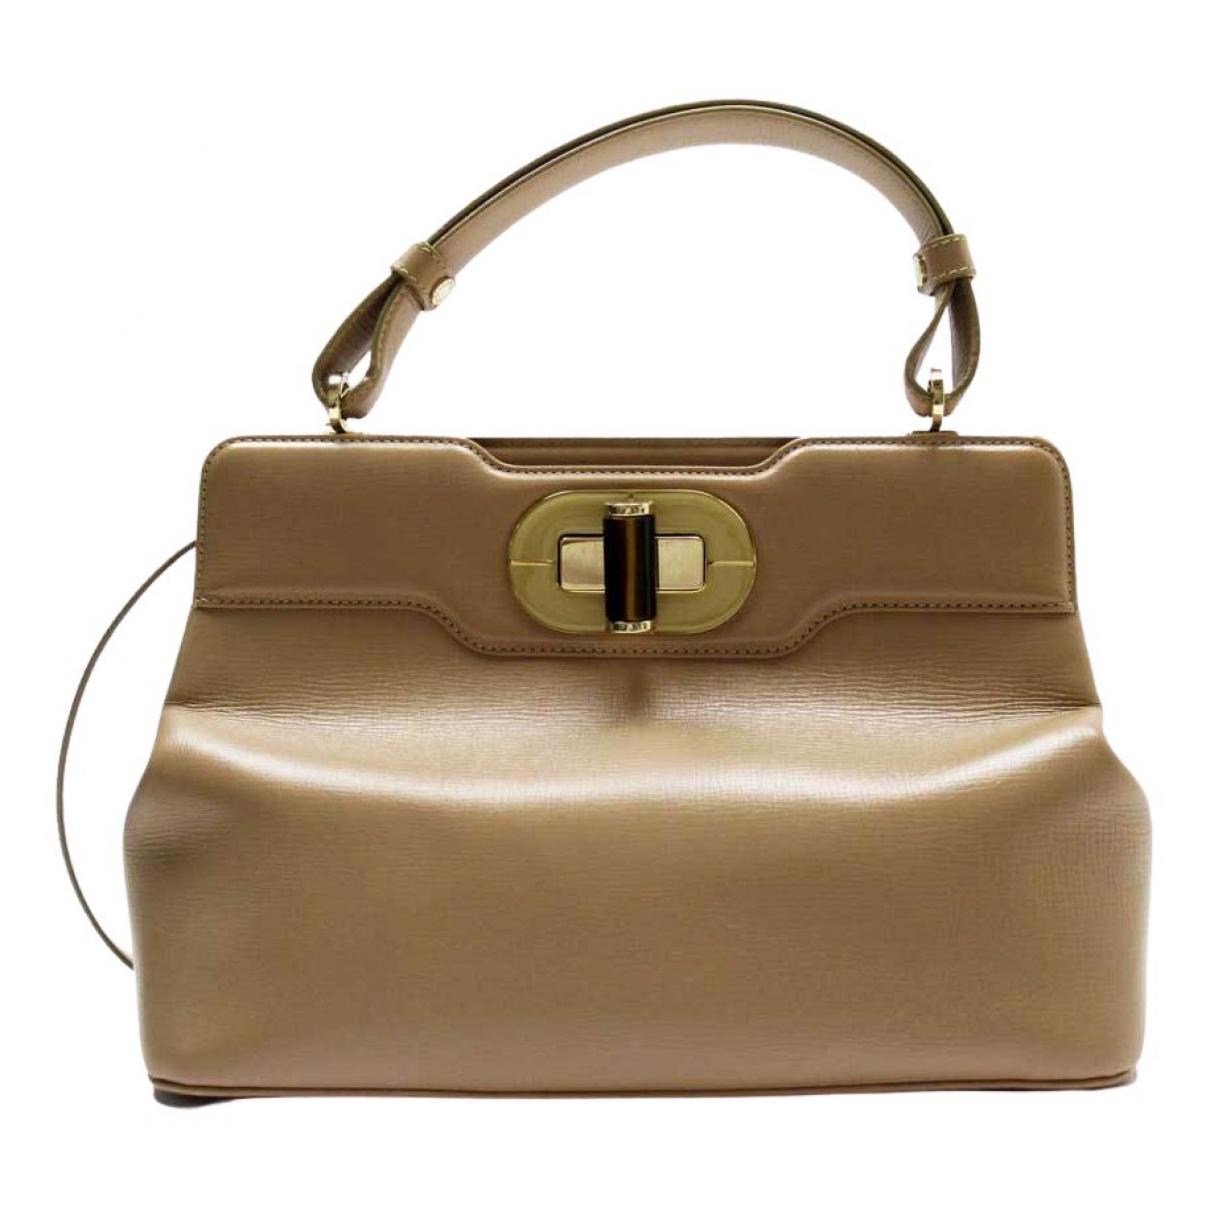 Bvlgari \N Beige Leather handbag for Women \N